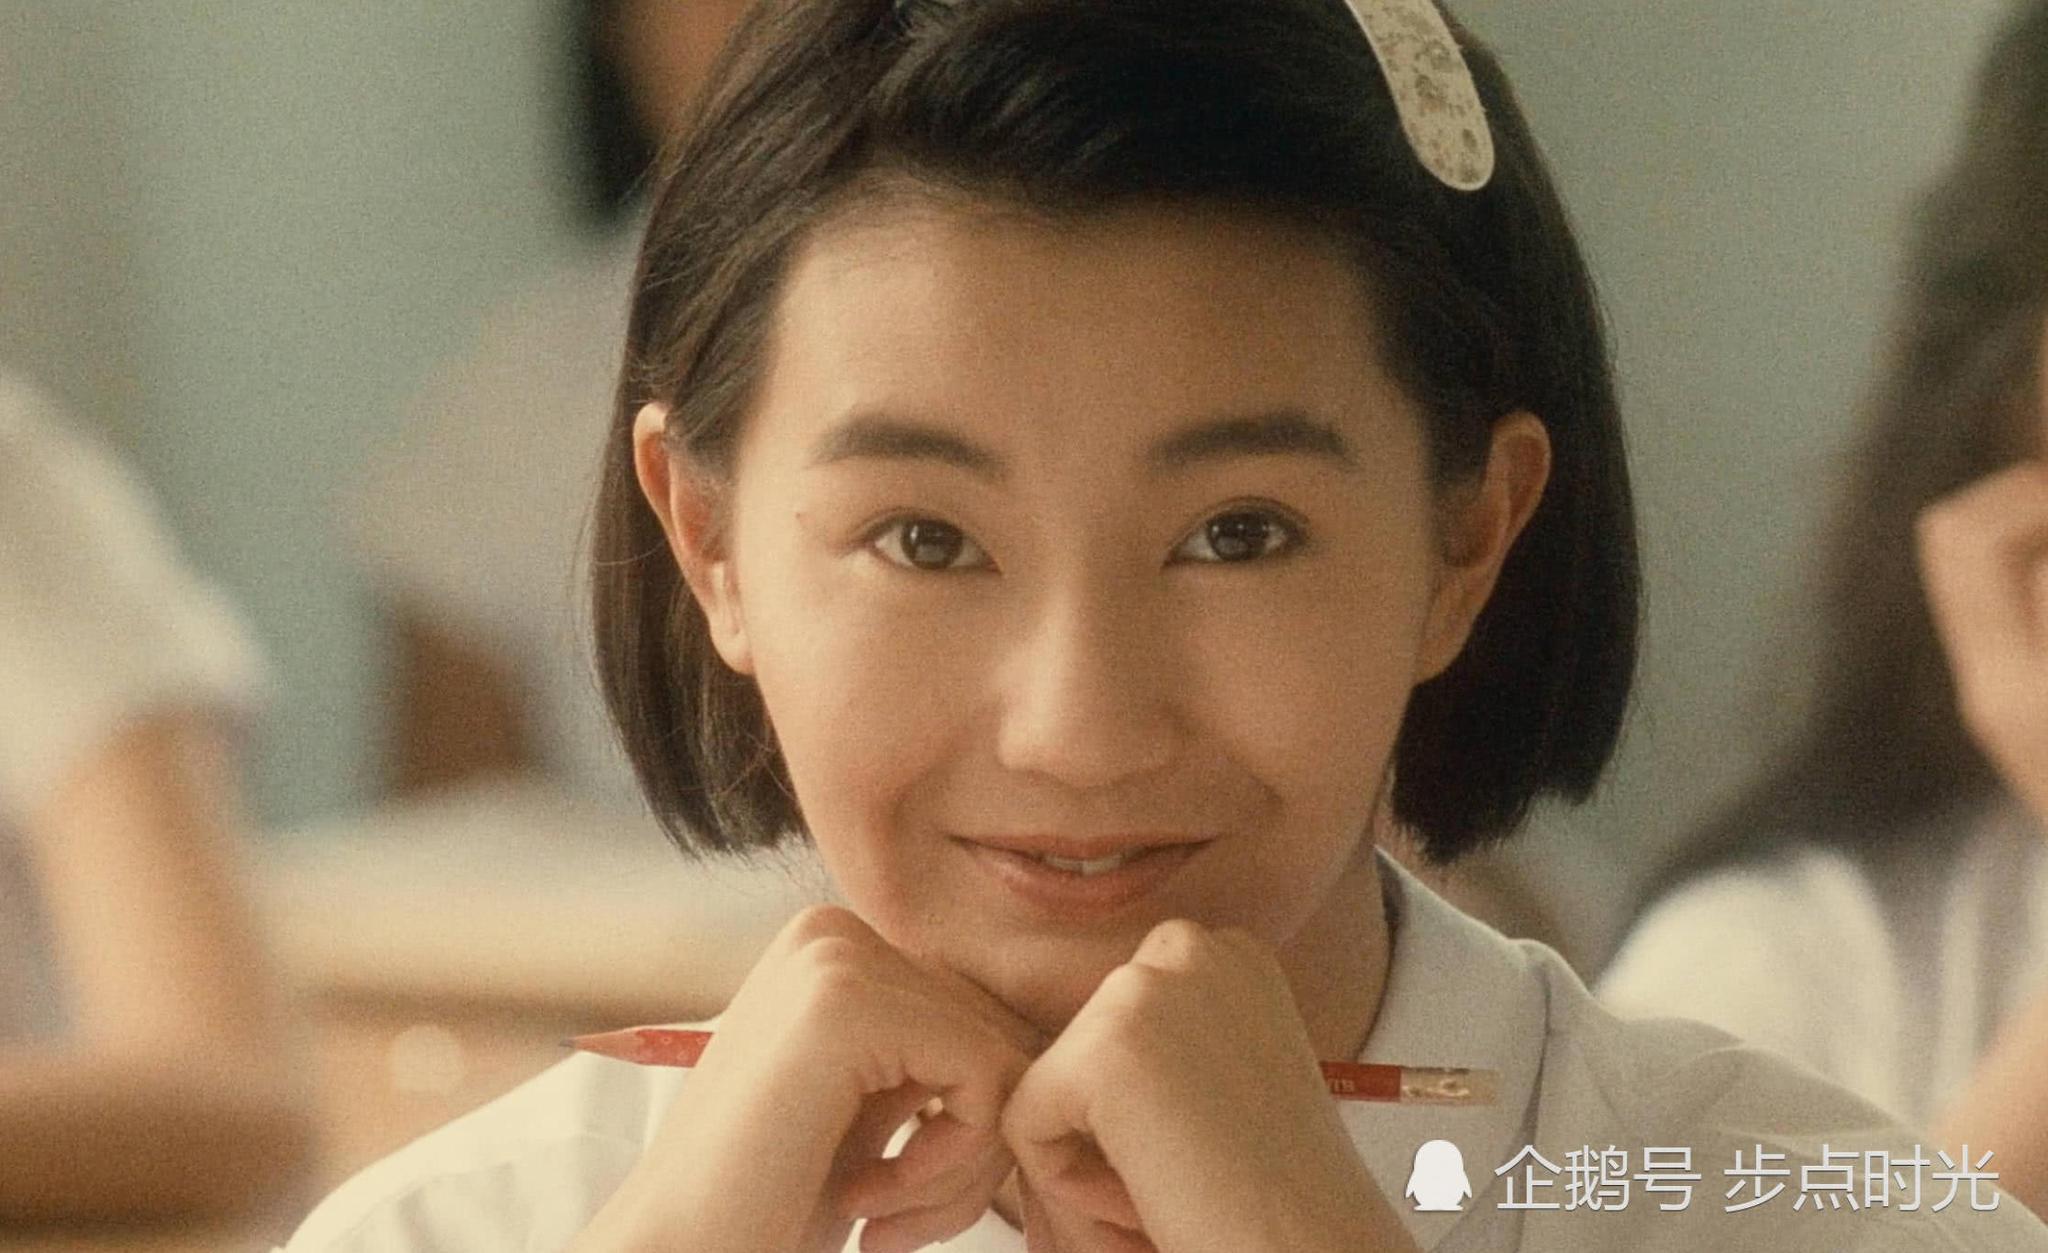 53岁张曼玉近照曝光,女神显老,但魅力难以抗拒!